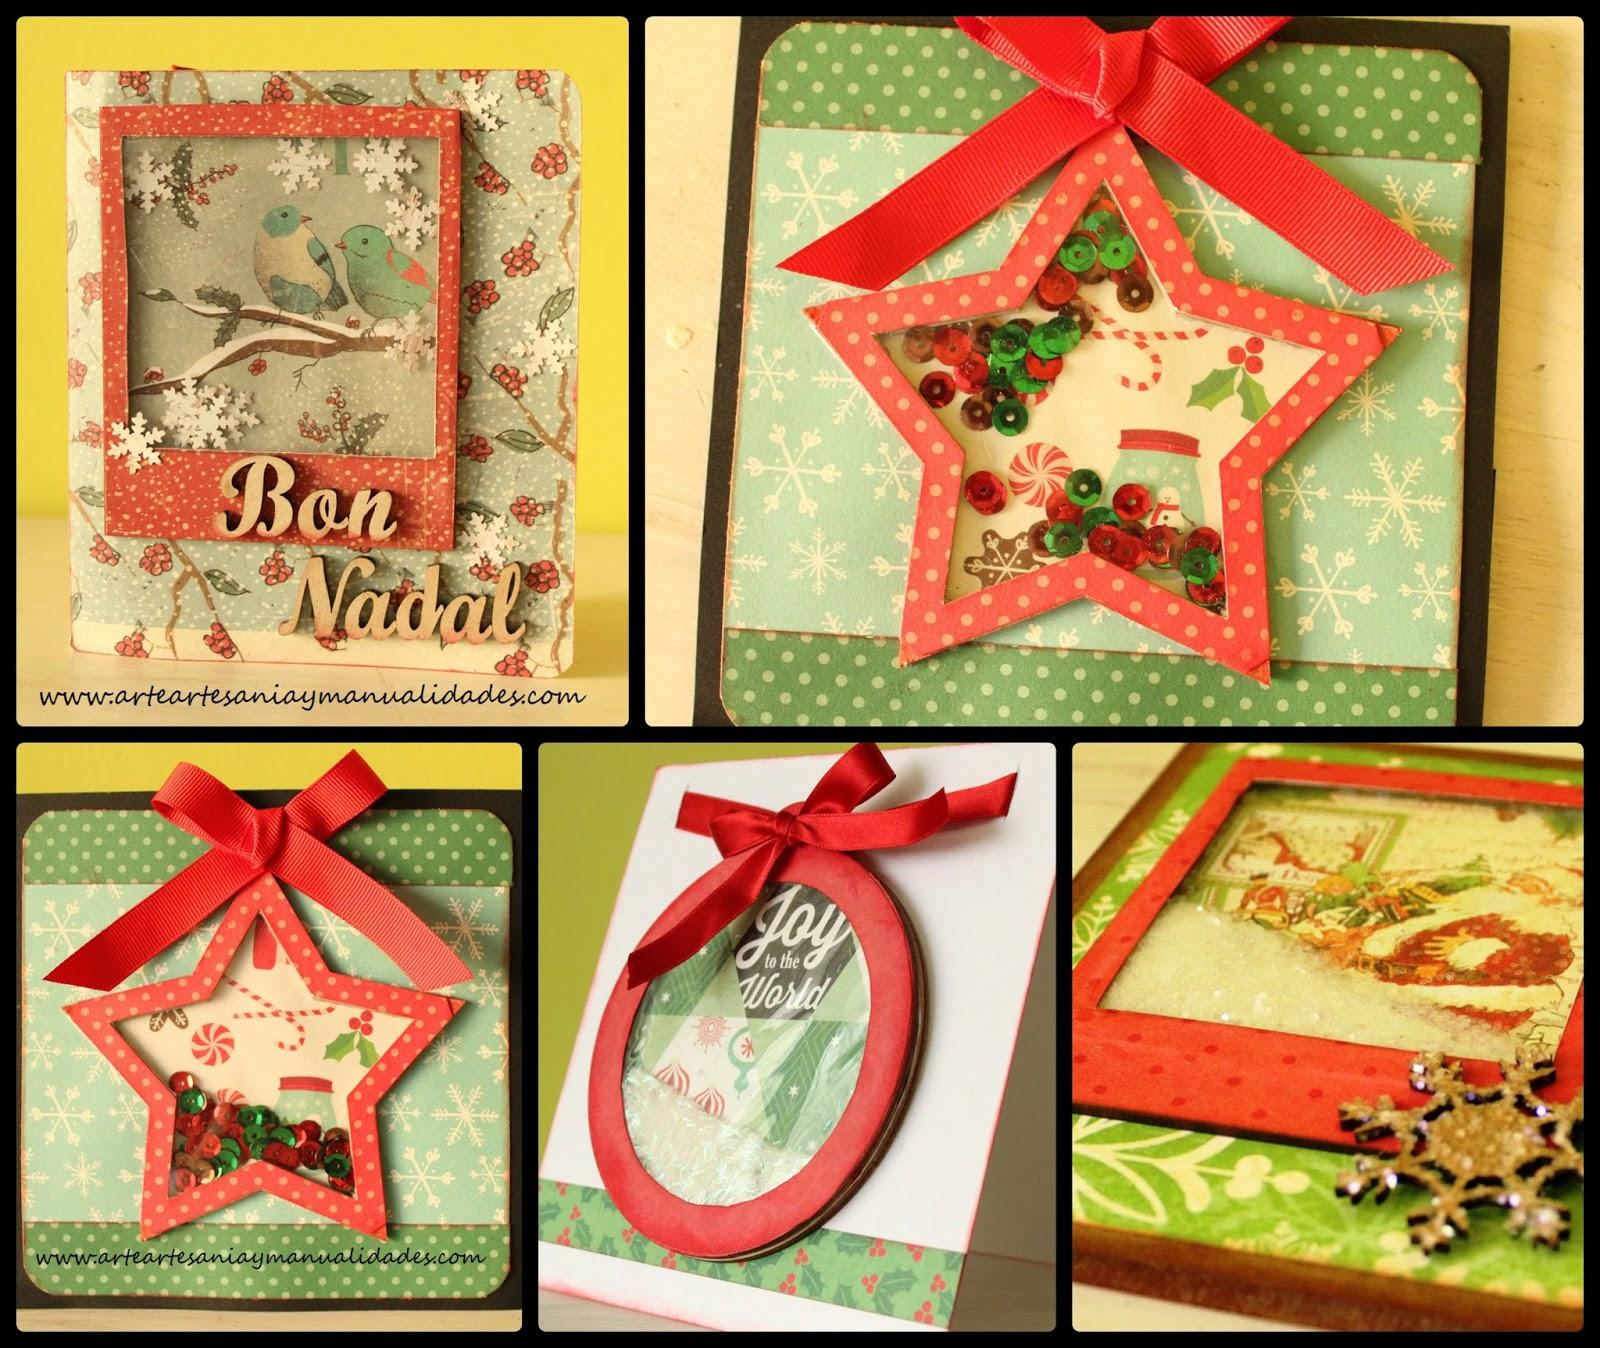 Arte artesania y manualidades tarjetas navidad - Tarjeta de navidad manualidades ...